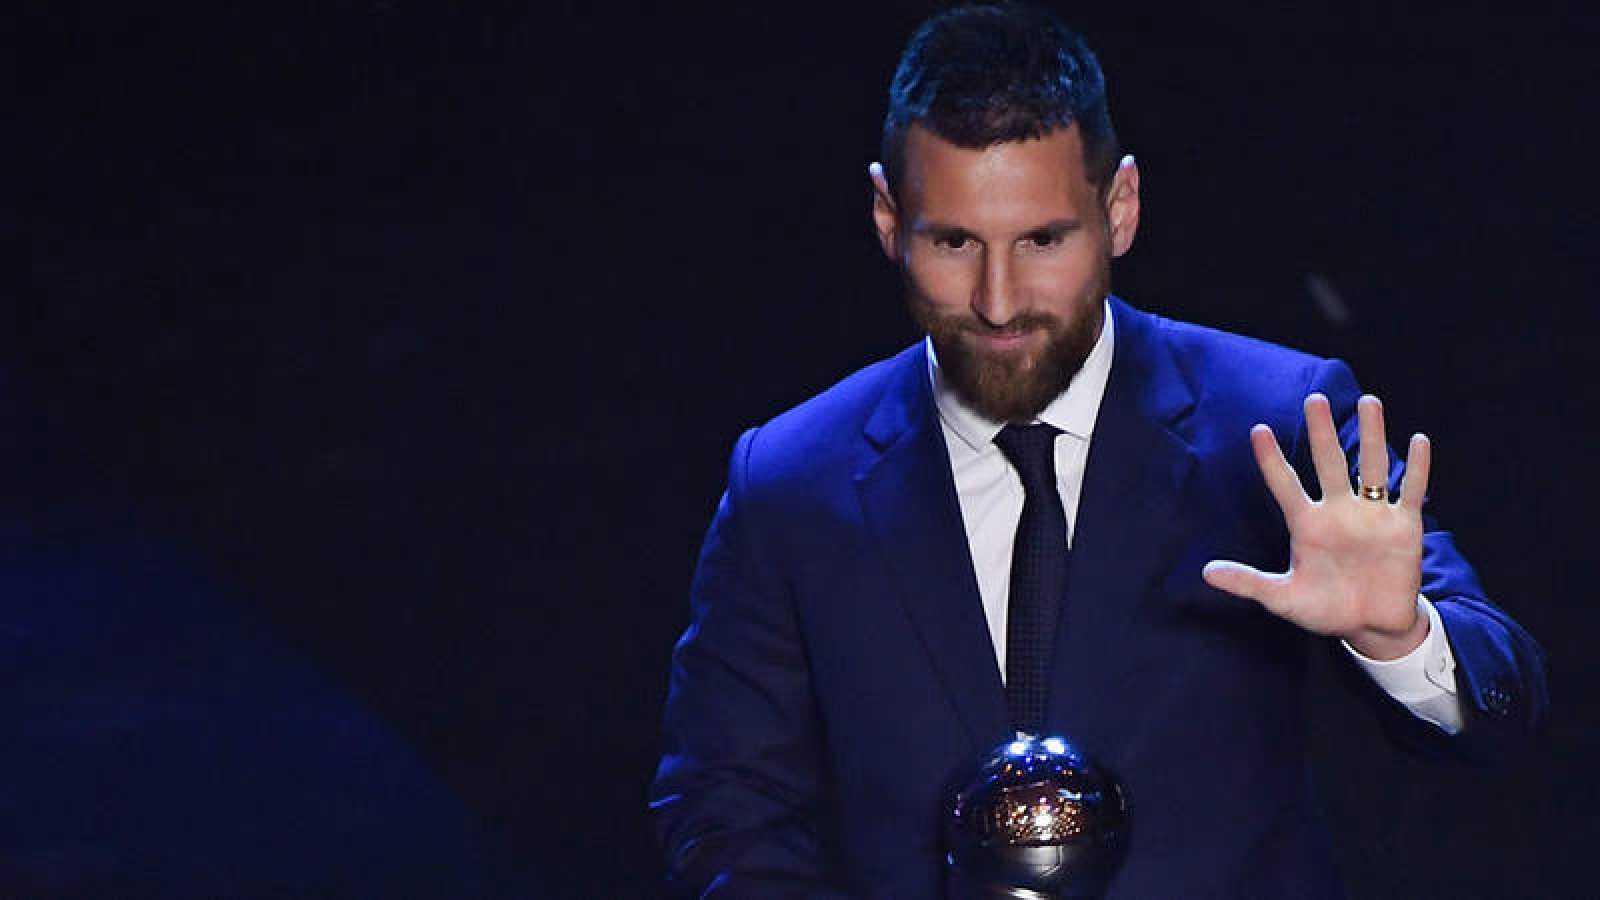 El futbolista argentino Leo Messi